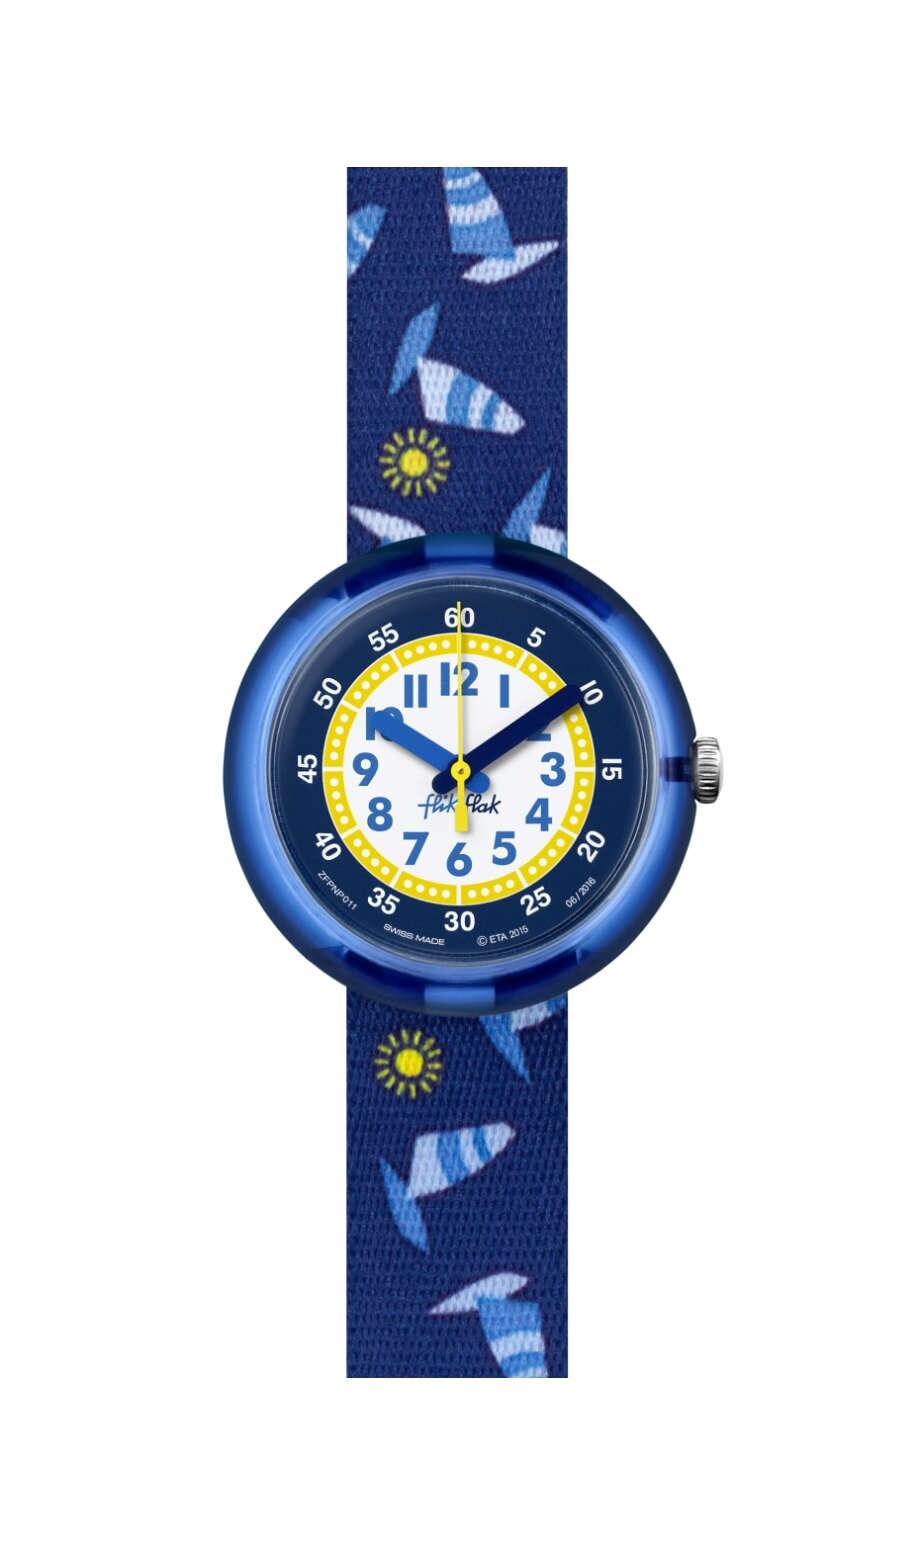 Swatch - BLUE SUMMER - 1